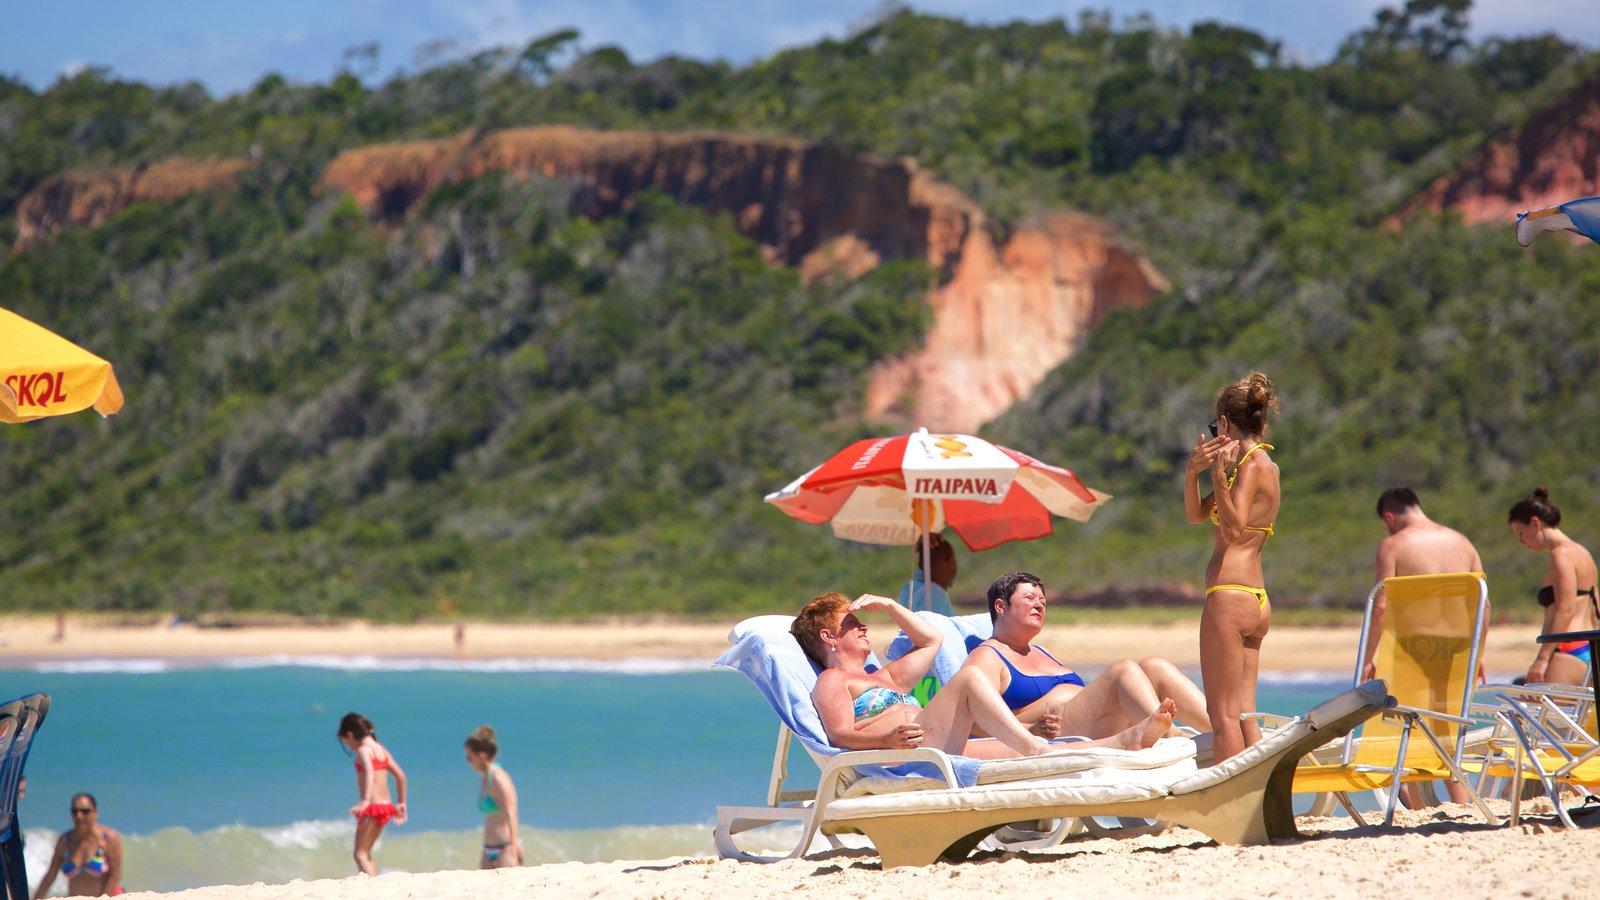 Praia de Pitinga que inclui uma praia de areia e paisagens litorâneas assim como um pequeno grupo de pessoas